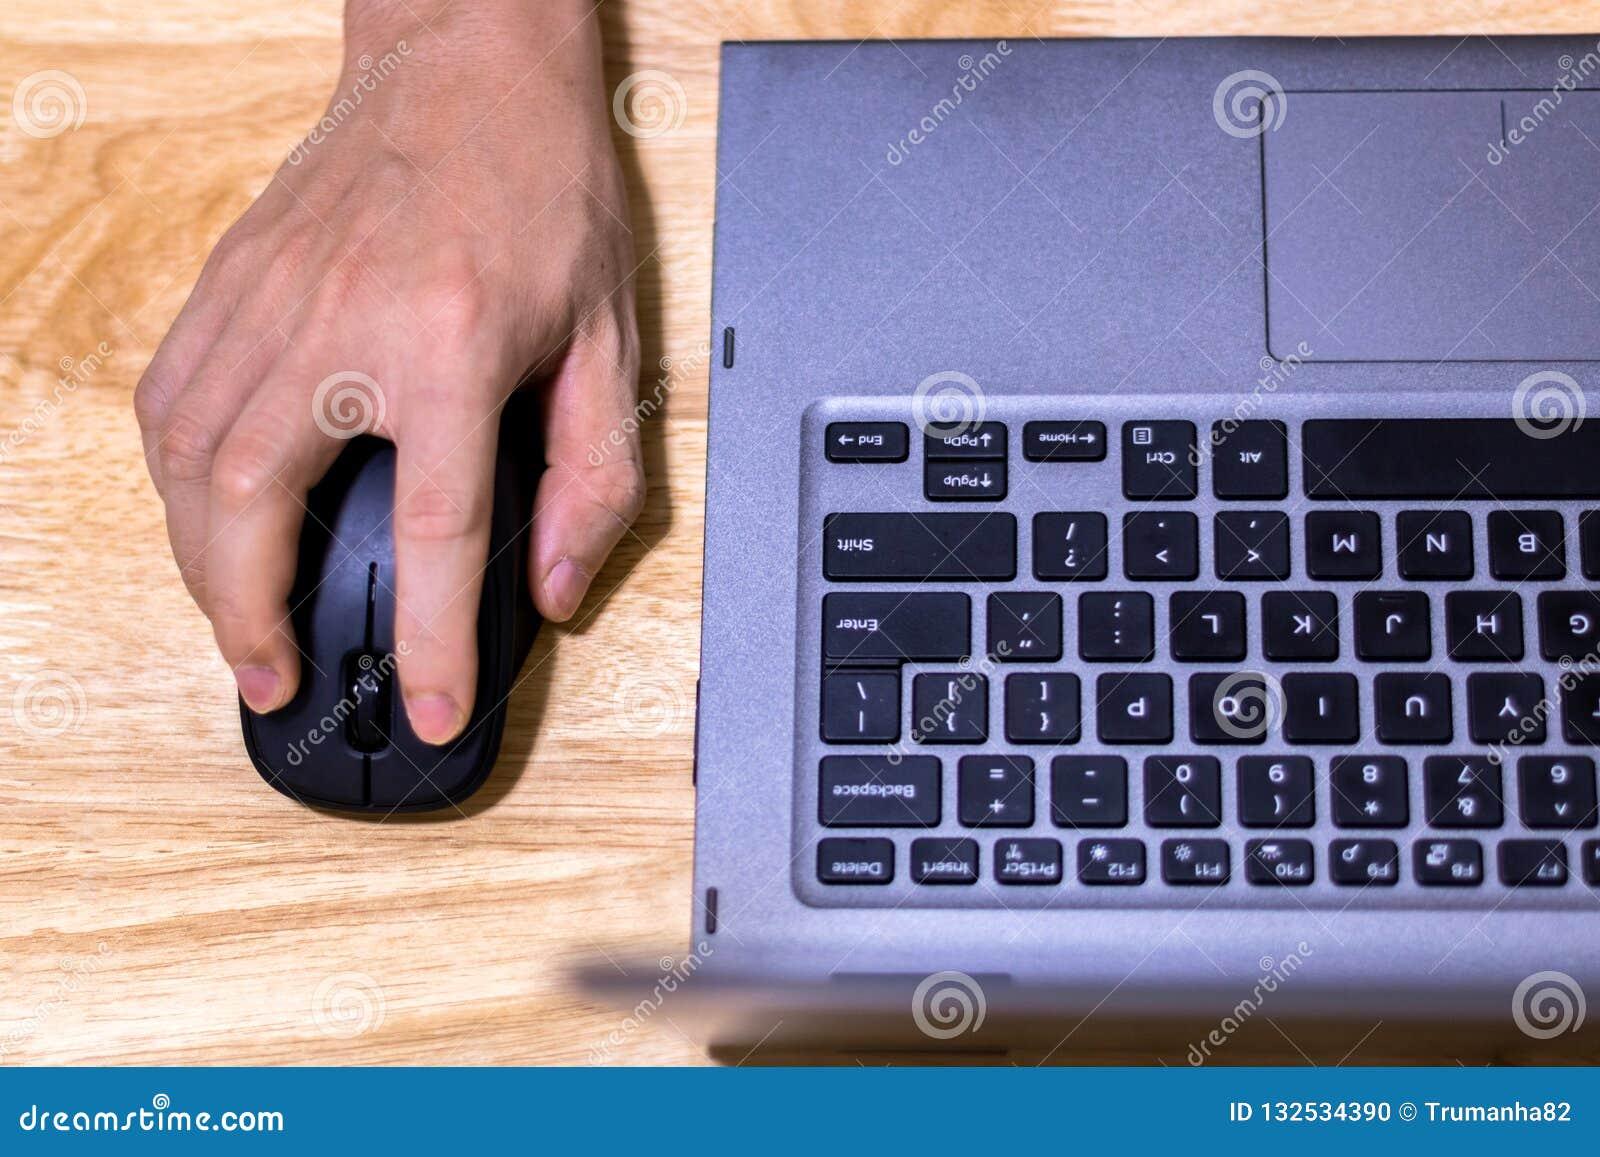 Рука используя мышь и ноутбук компьютера на столе